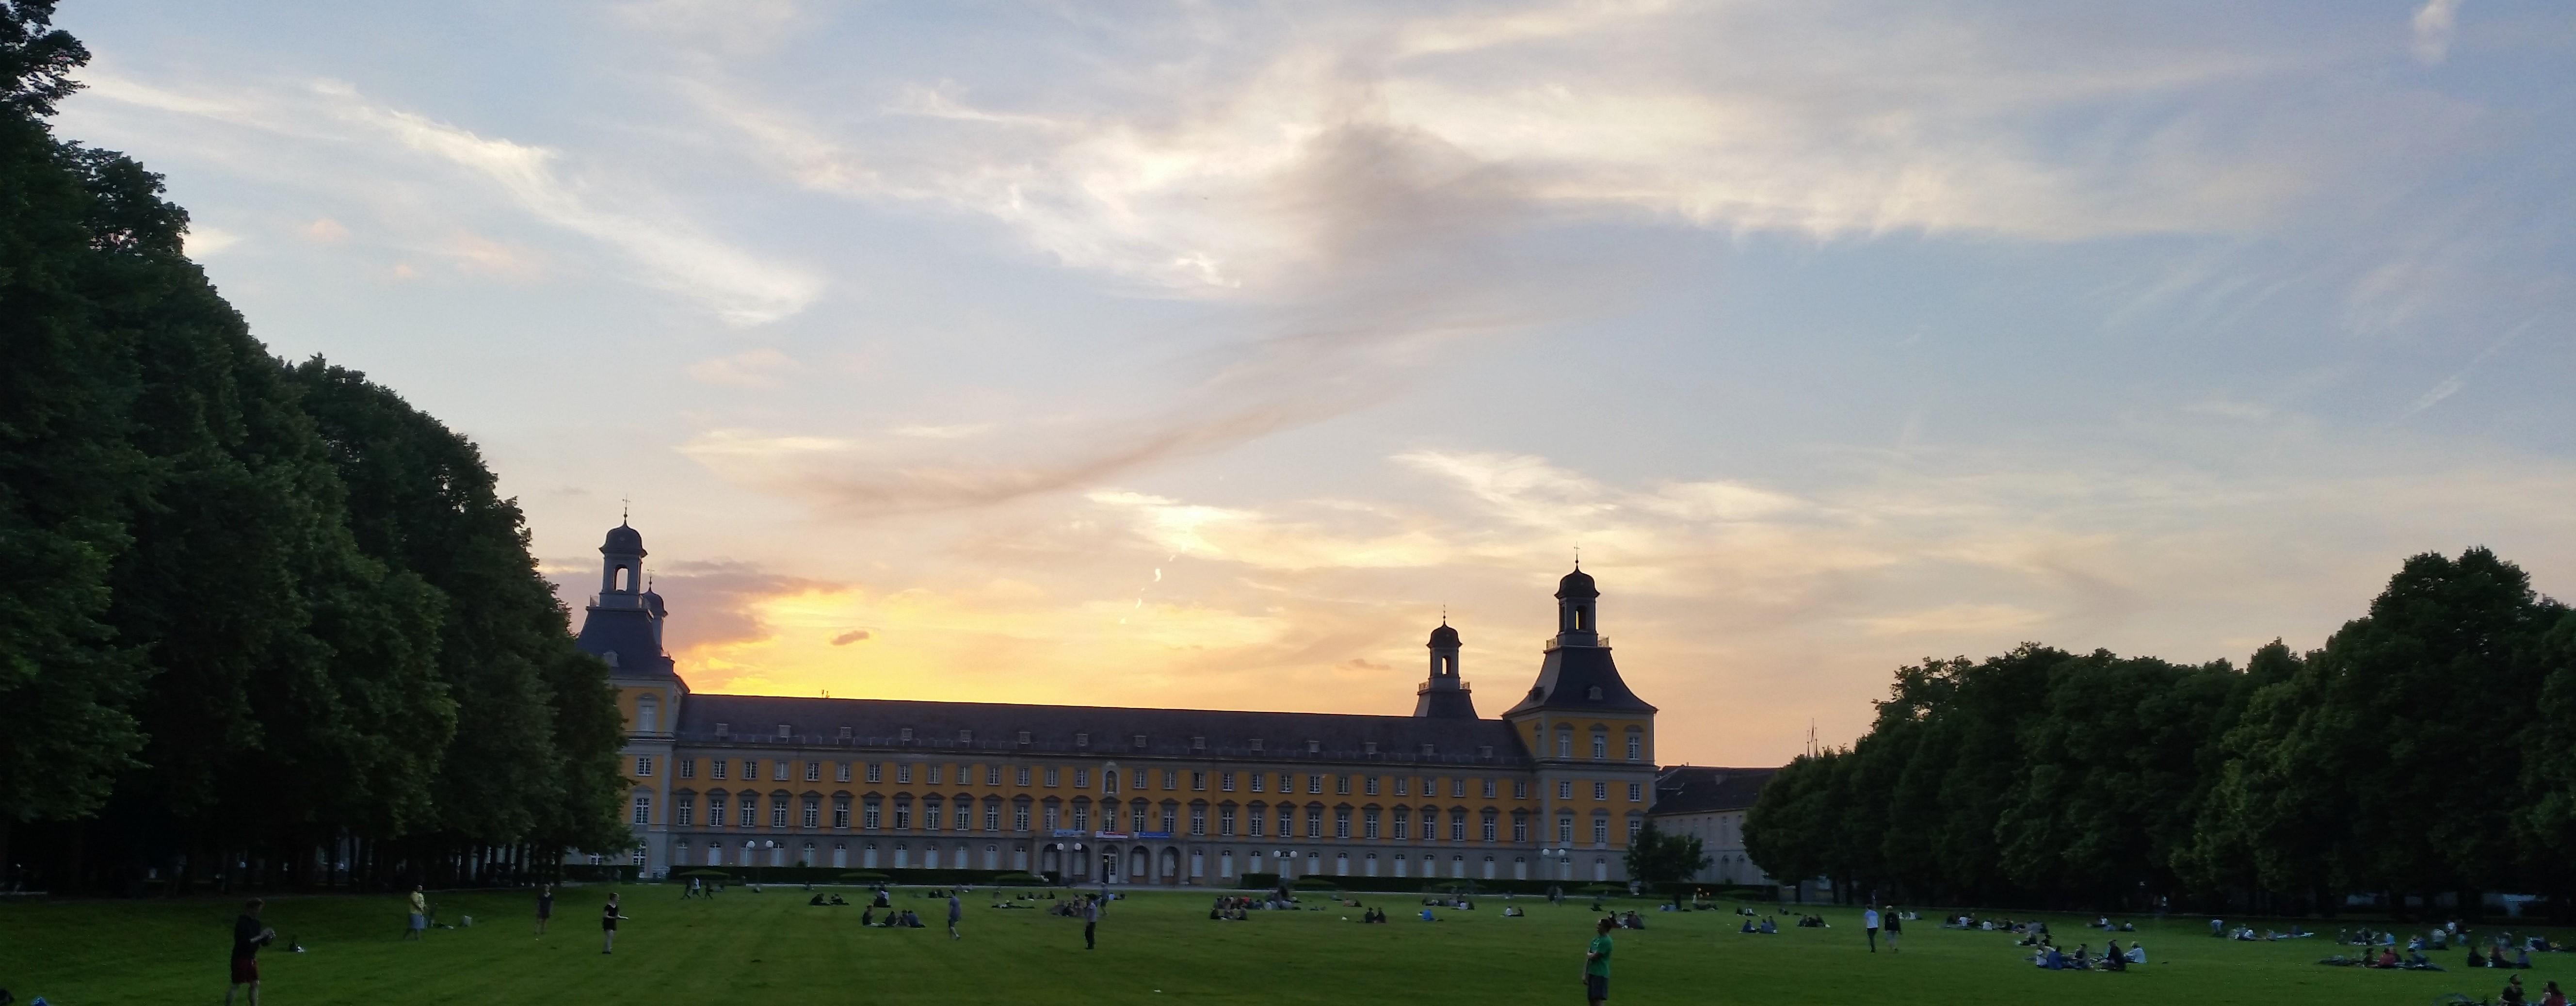 Das Hauptgebäude der Universität